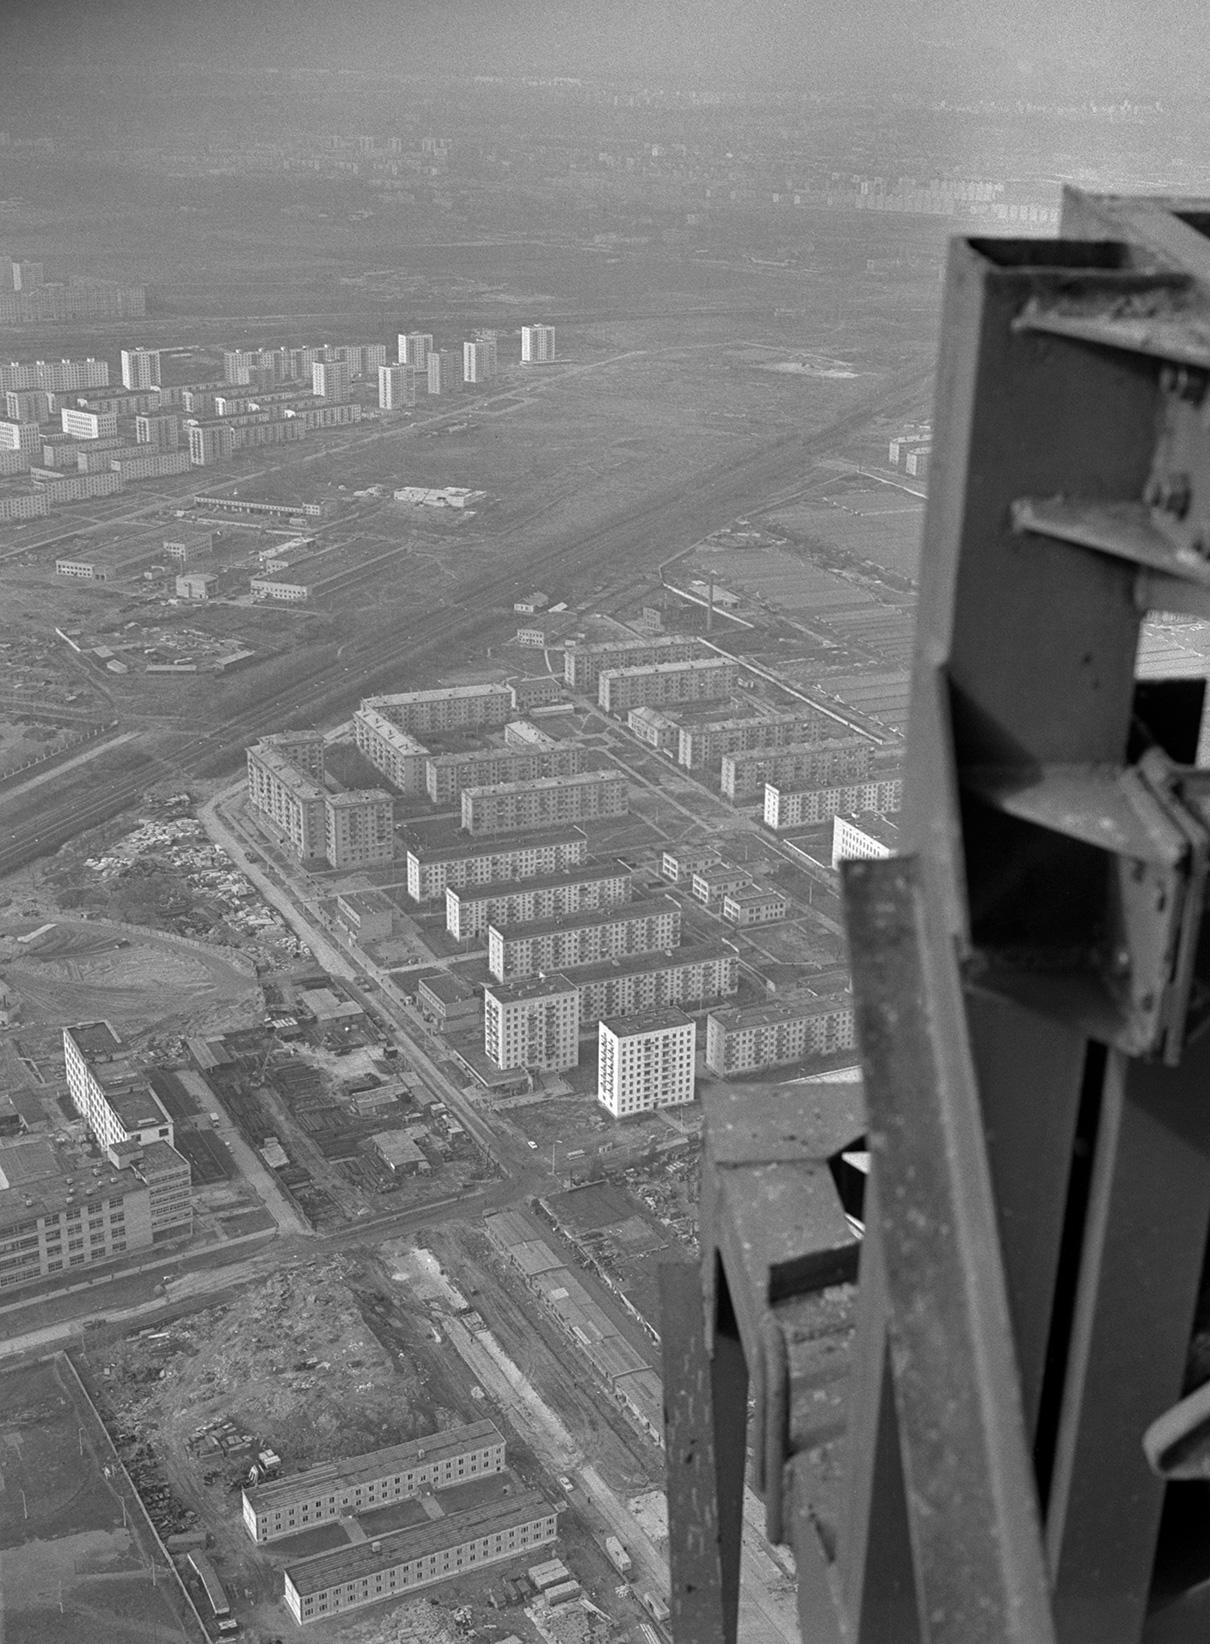 5 ноября 1967 года Останкинская телебашня была запущена в эксплуатацию